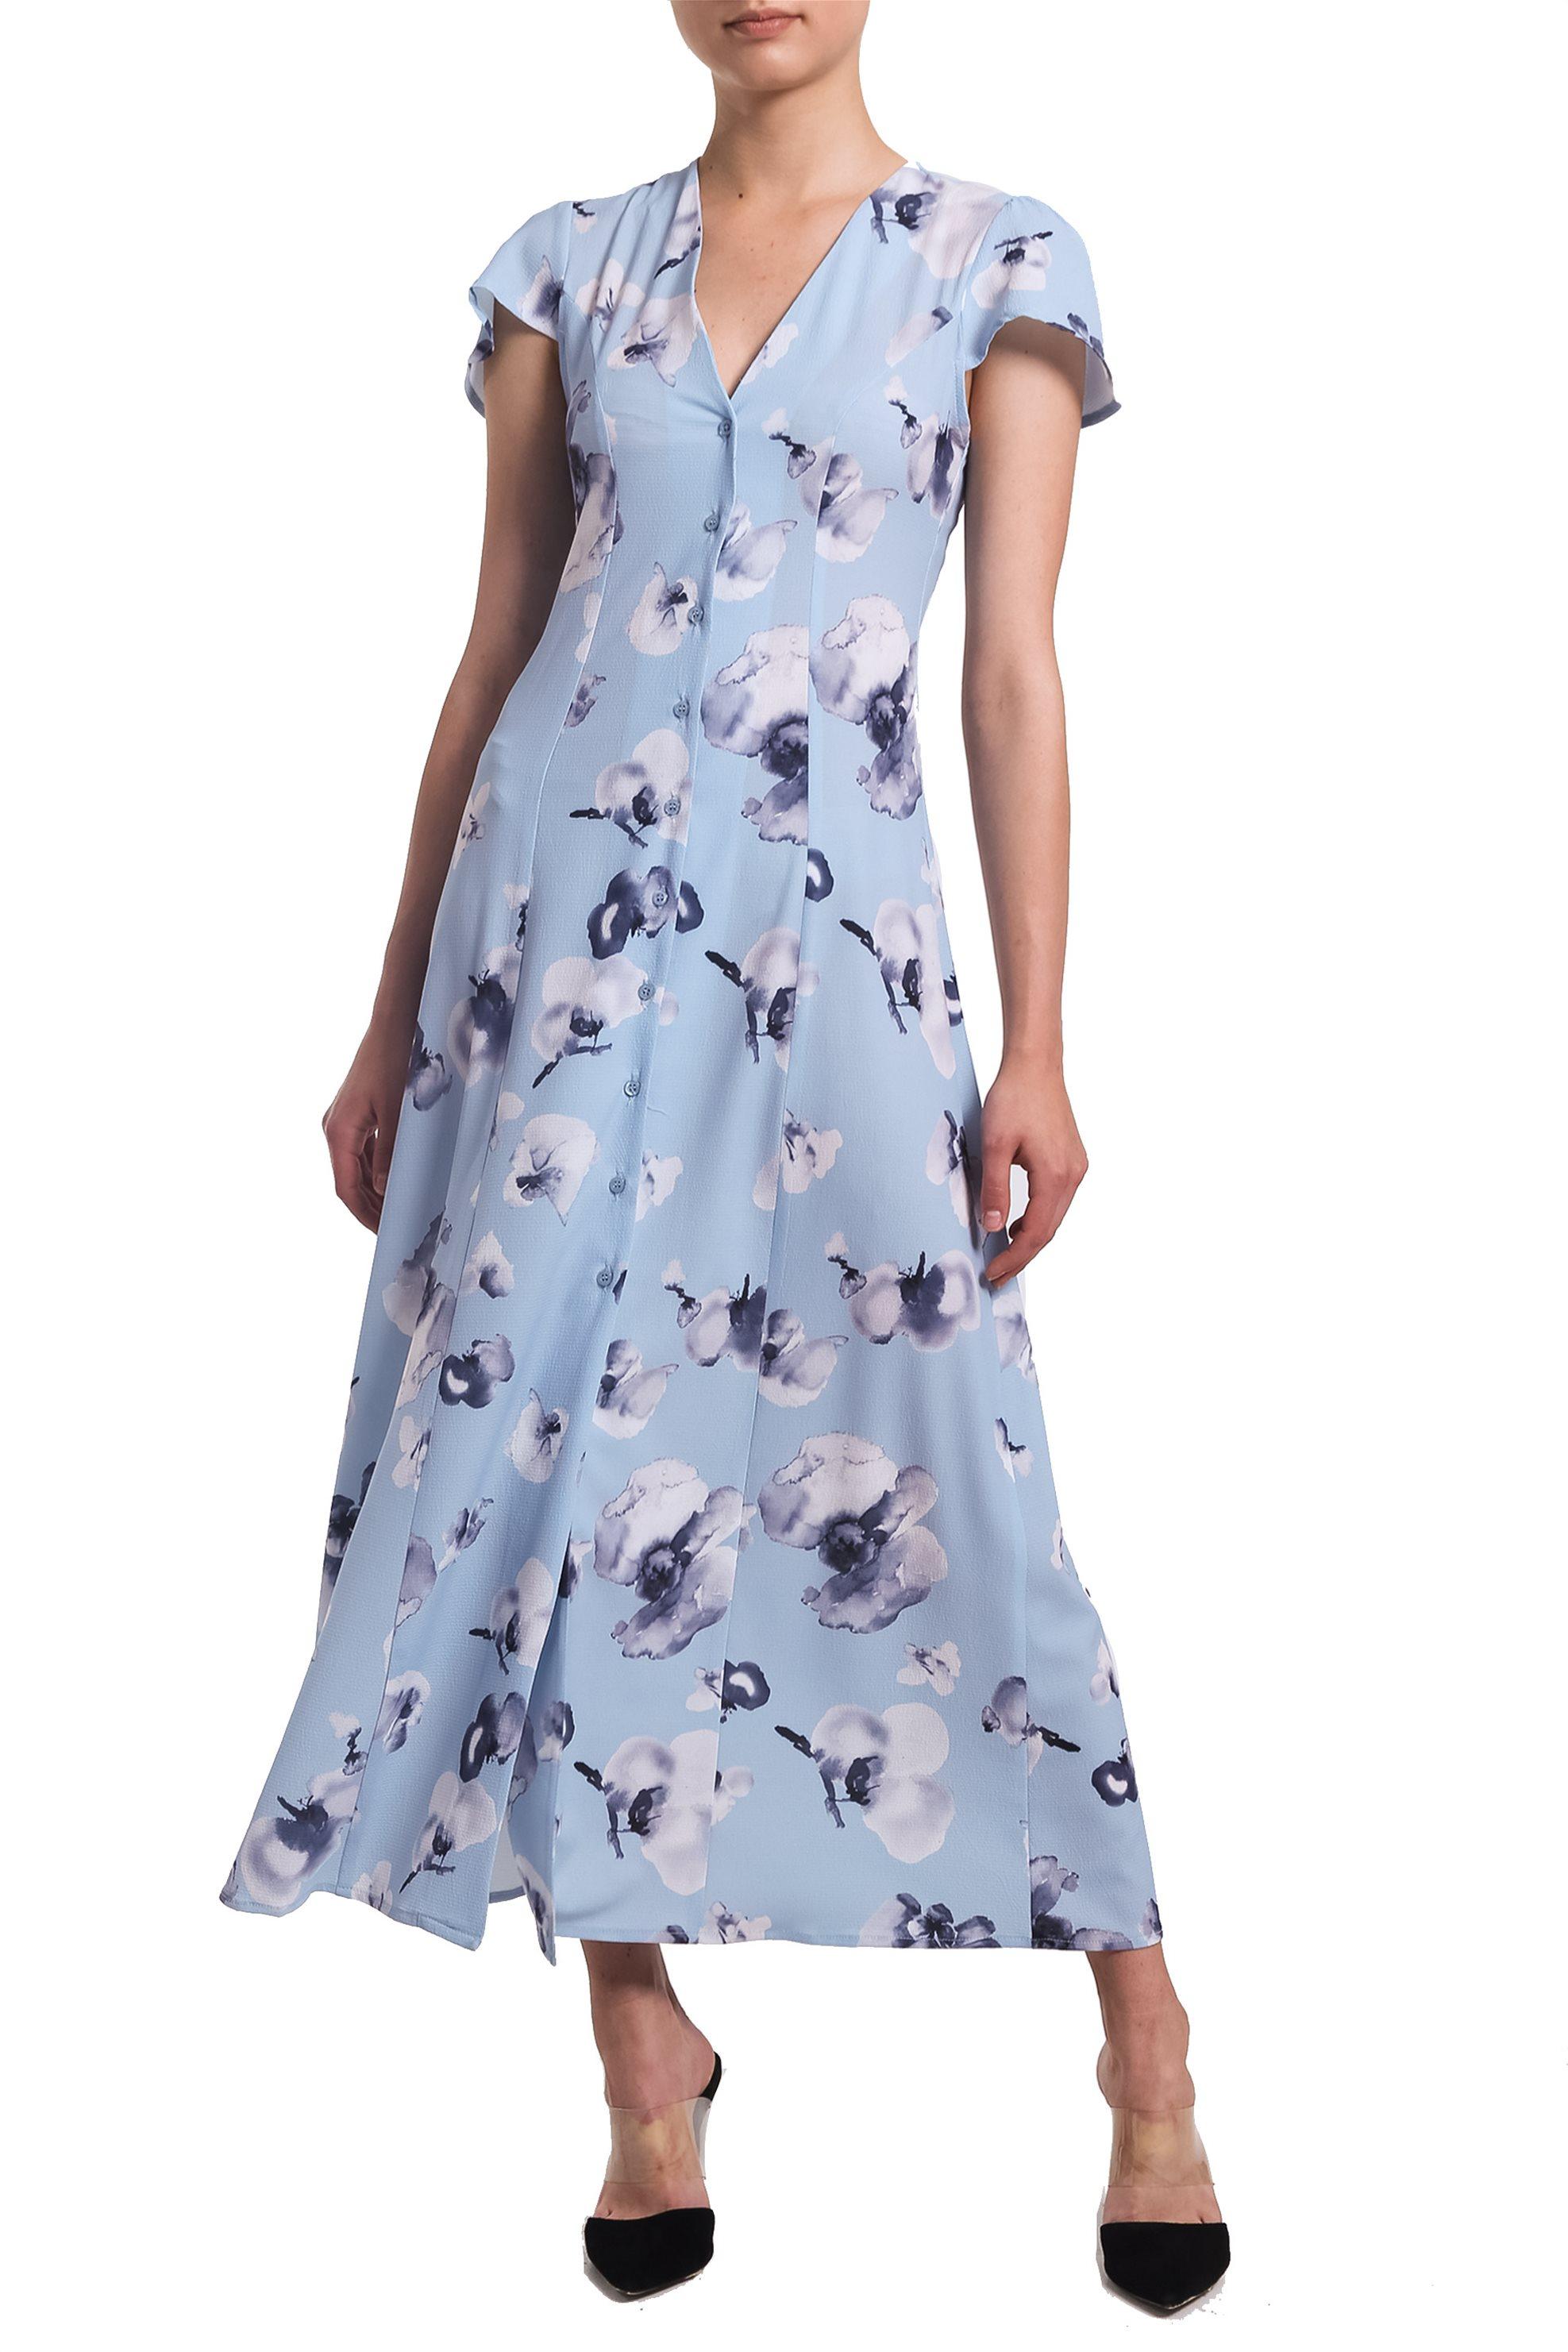 fcaf7bc3448a Γυναικεία   Ρούχα   Φορέματα   Βελούδινο Φόρεμα με Ραντάκι και ...